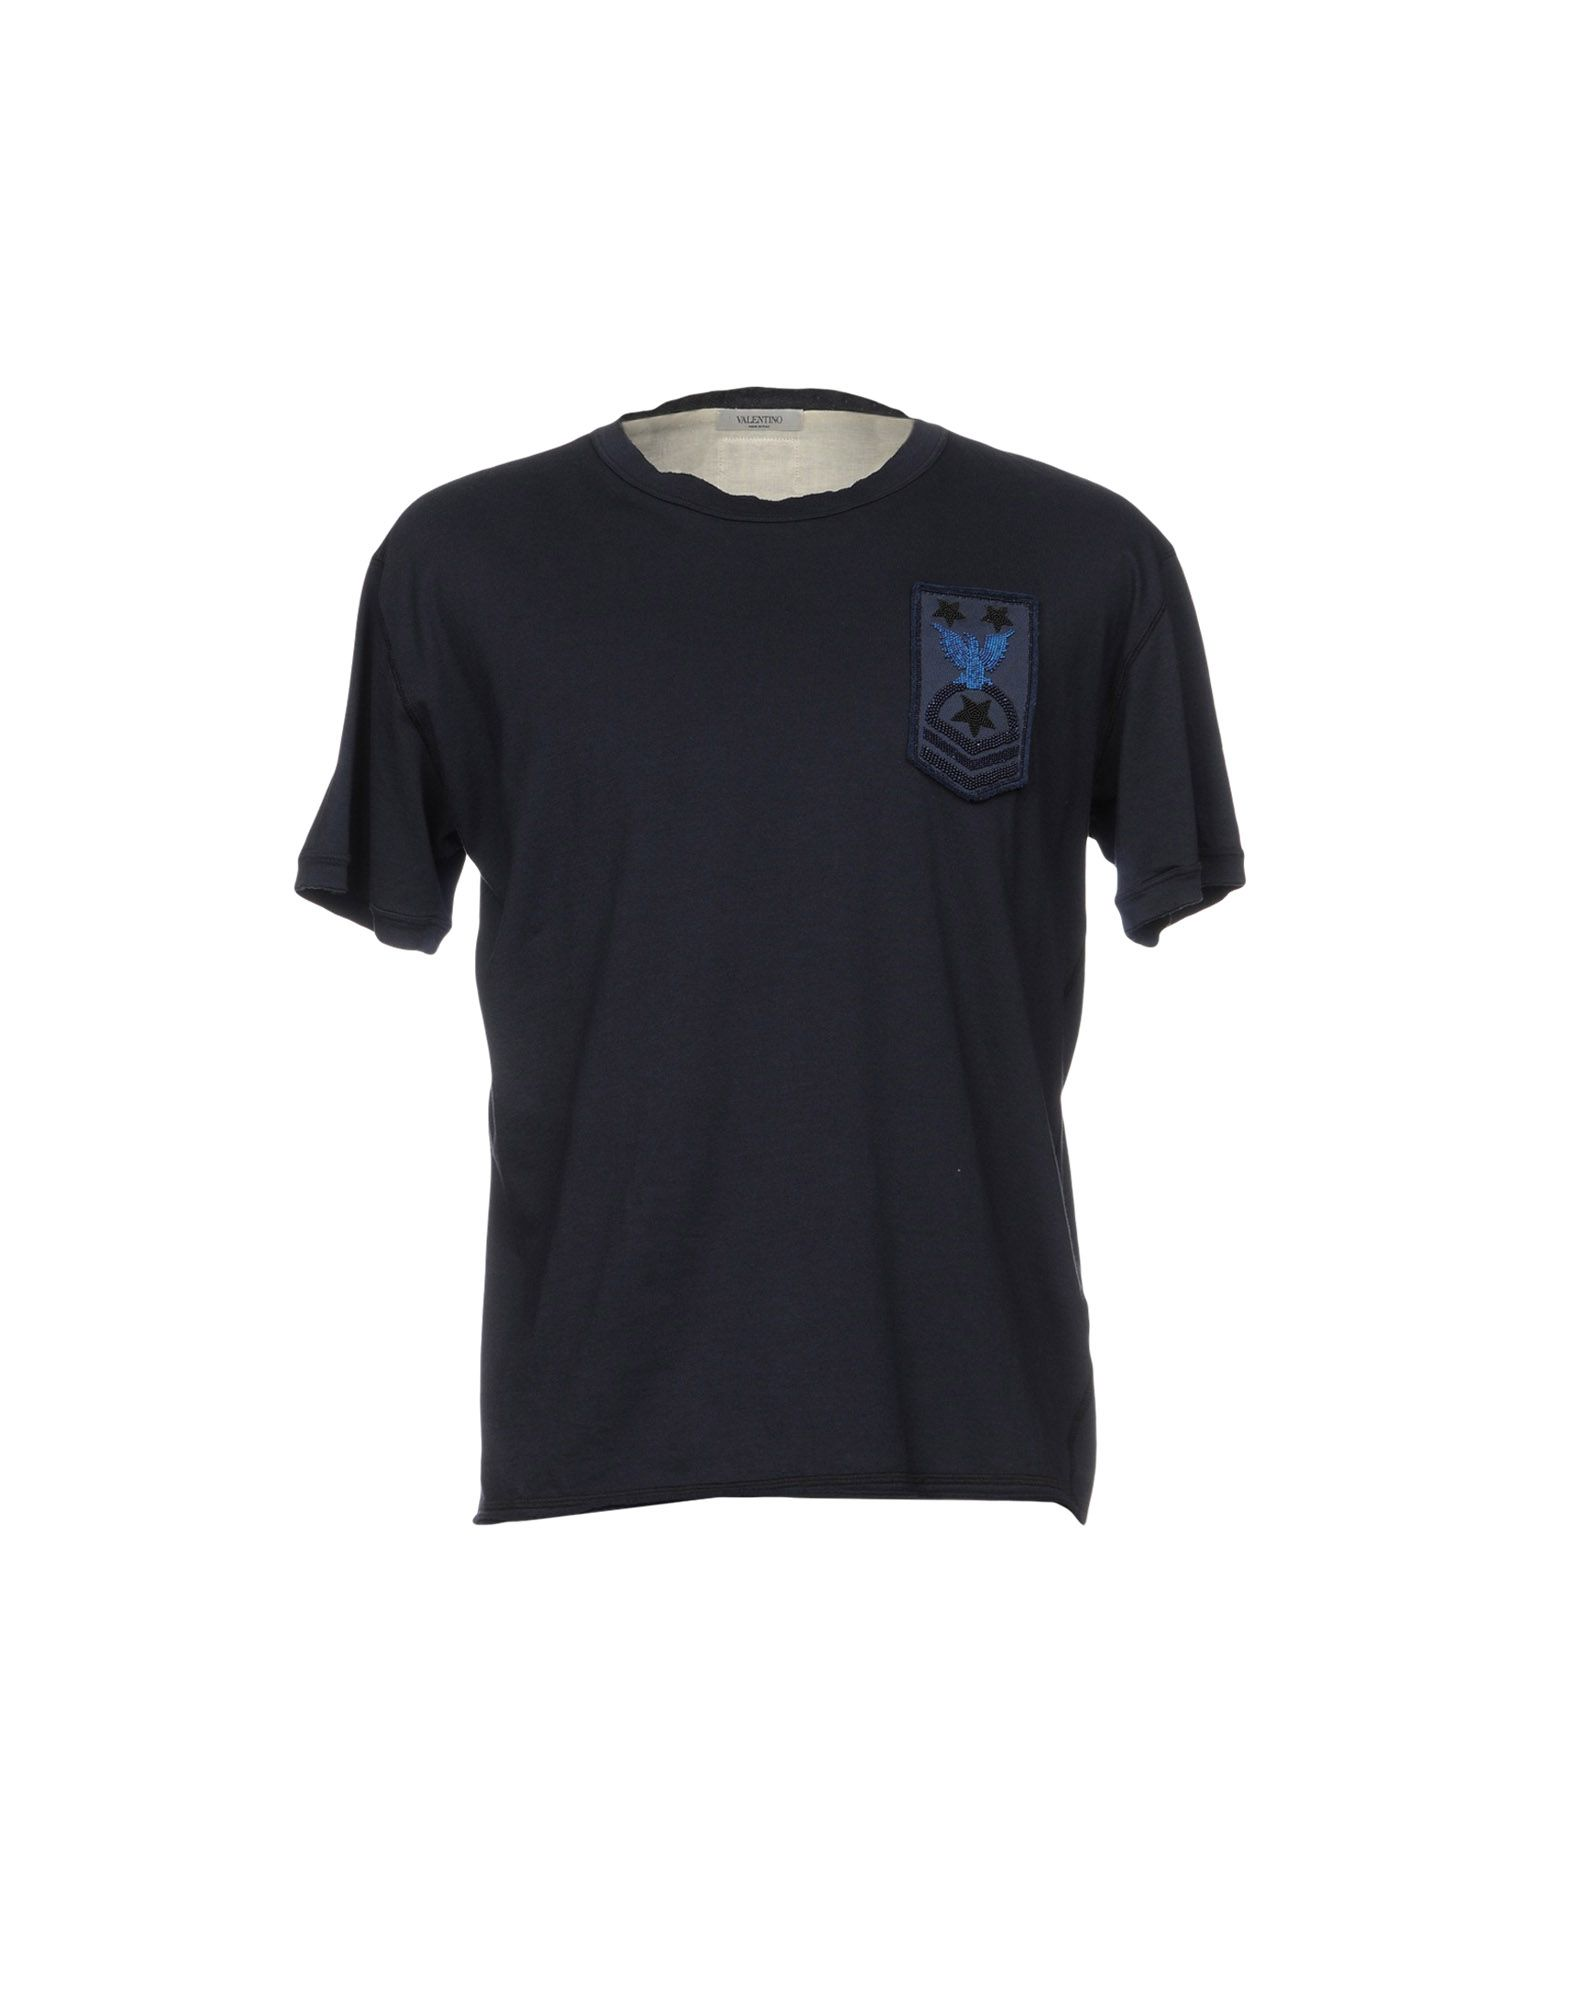 《送料無料》VALENTINO メンズ T シャツ ダークブルー M コットン 100%